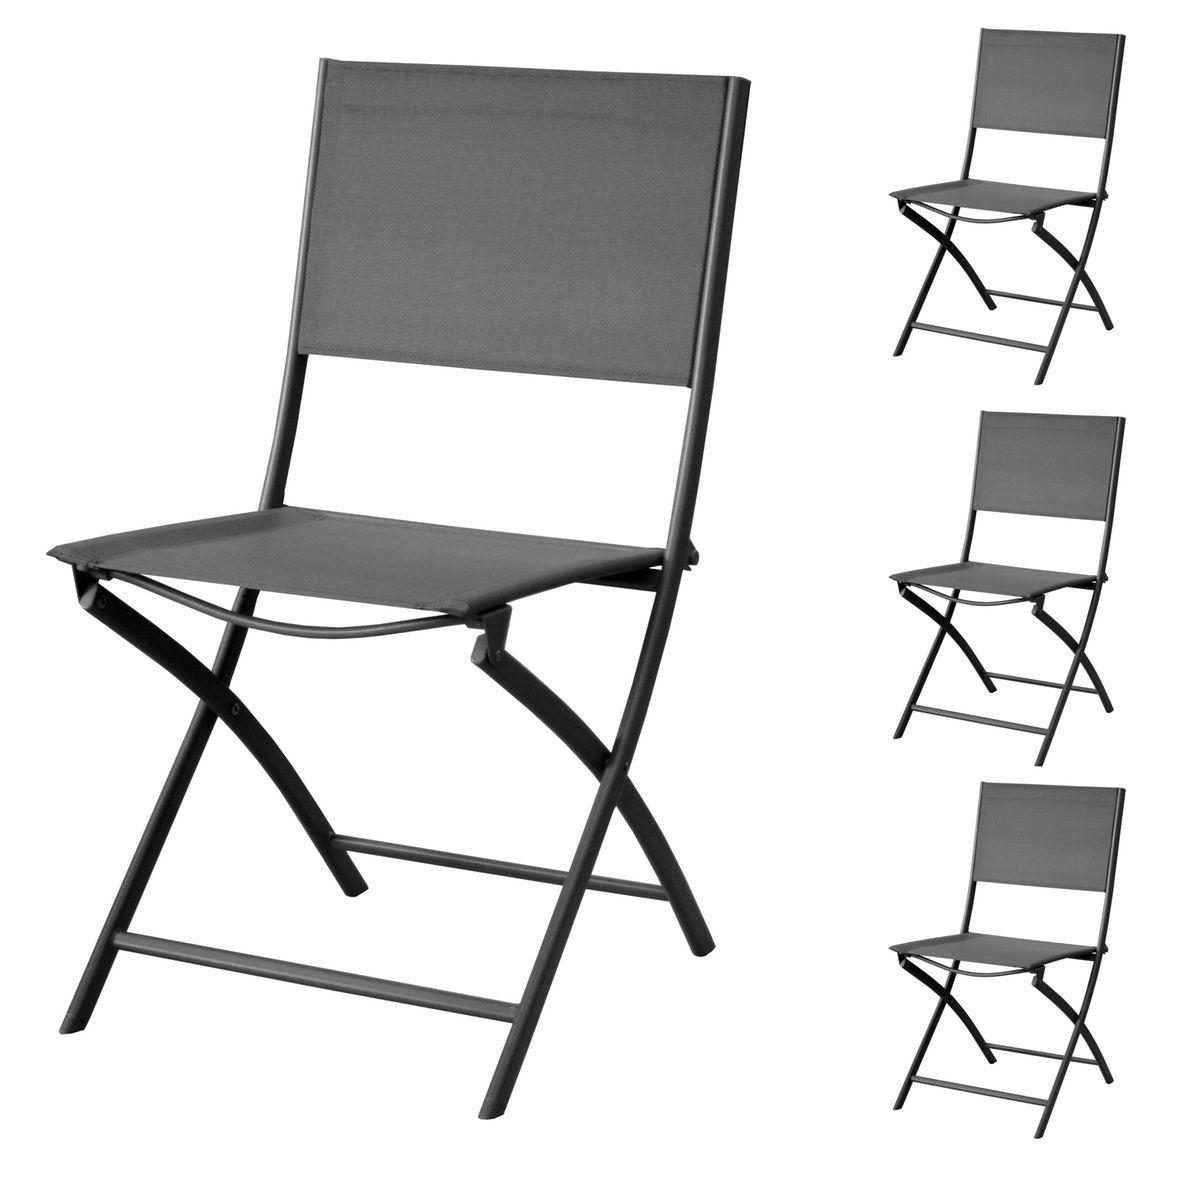 Chaise De Jardin Santos Pliable Framboise Lot De 4 Taille Taille Unique Chaise Proloisirs Et Acier